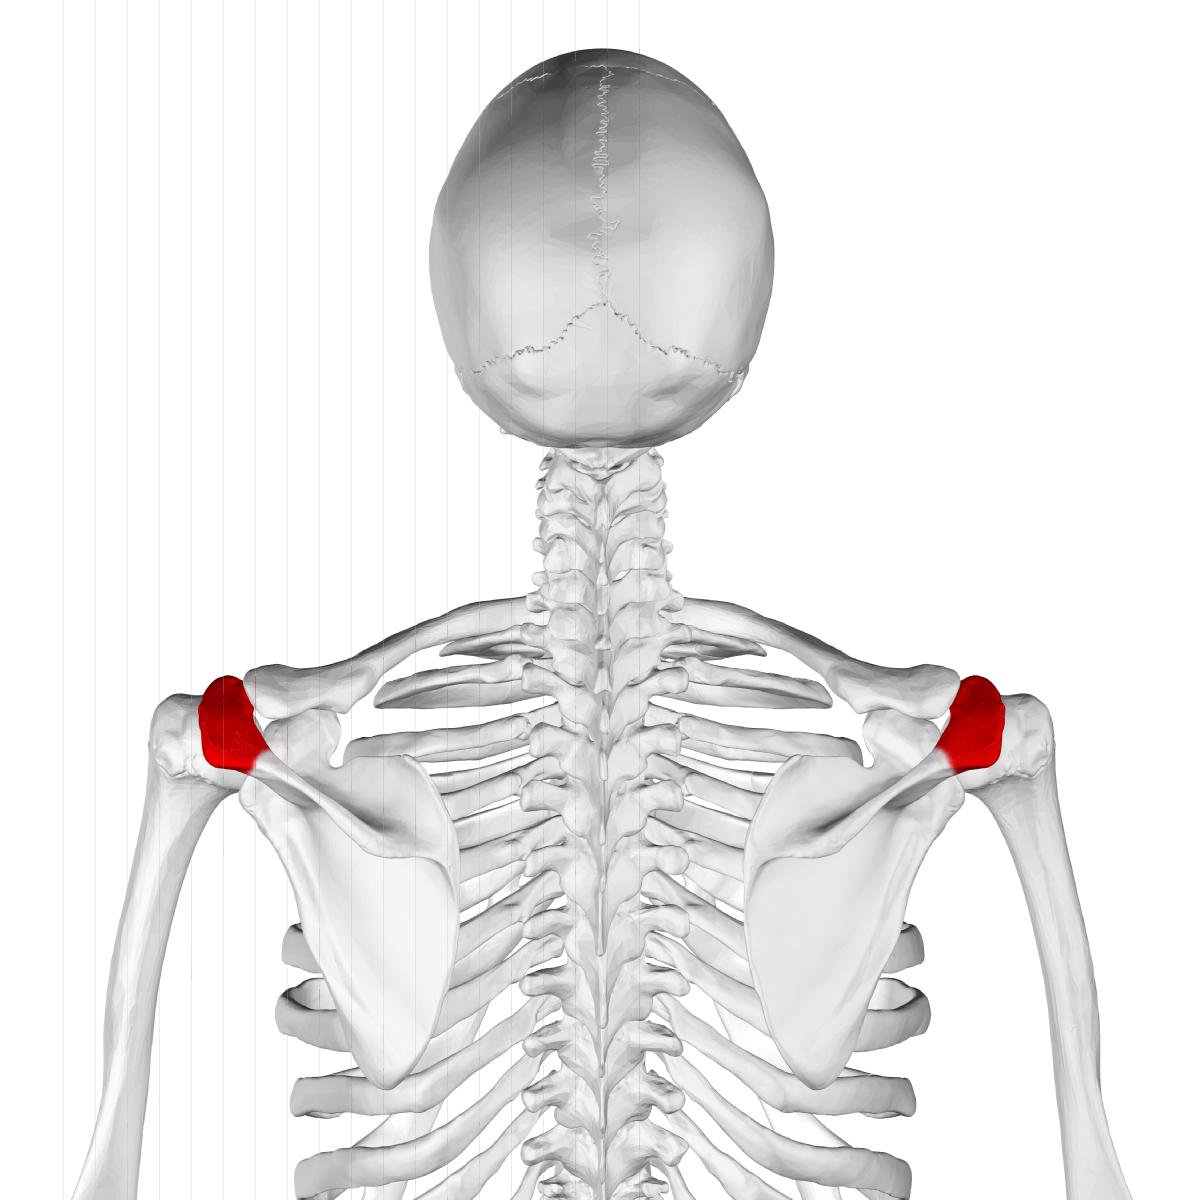 Fein Acromion Fotos - Menschliche Anatomie Bilder - madeinkibera.com